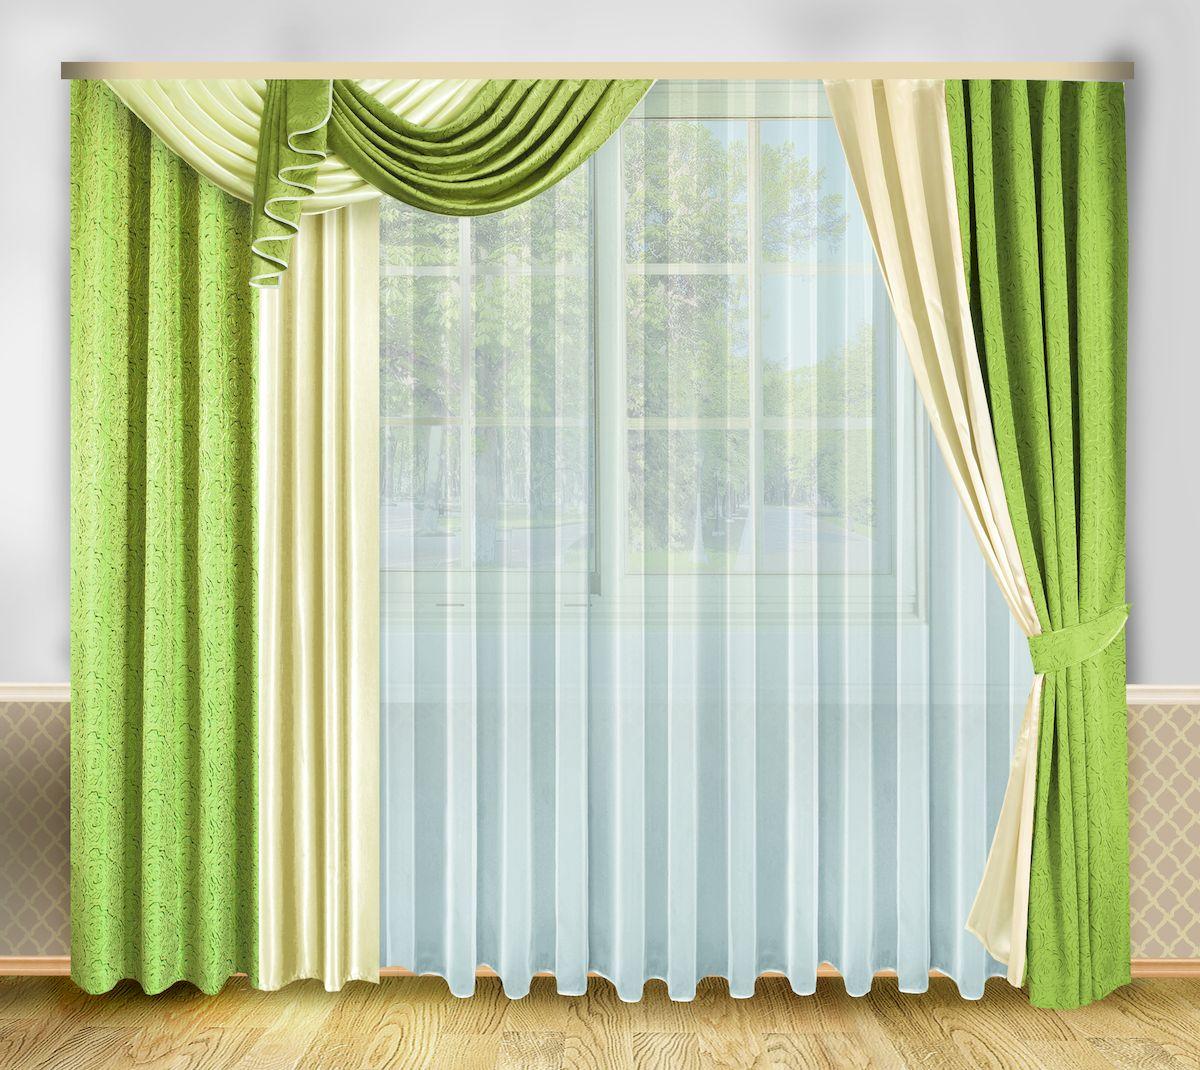 Комплект штор Zlata Korunka, на ленте, цвет: зеленый, высота 250 см. 333328333328Роскошный комплект штор Zlata Korunka, выполненный из полиэстера, великолепно украсит любое окно. Комплект состоит из тюля, ламбрекена, двух штор и двух подхватов. Изящный узор и приятная цветовая гамма привлекут к себе внимание и органично впишутся в интерьер помещения. Этот комплект будет долгое время радовать вас и вашу семью! Комплект крепится на карниз при помощи ленты, которая поможет красиво и равномерно задрапировать верх. В комплект входит: Тюль: 1 шт. Размер (Ш х В): 500 см х 250 см. Ламбрекен: 1 шт. Размер (Ш х В): 140 см х 45 см. Штора: 2 шт. Размер (Ш х В): 208 см х 250 см. Подхват: 2 шт.